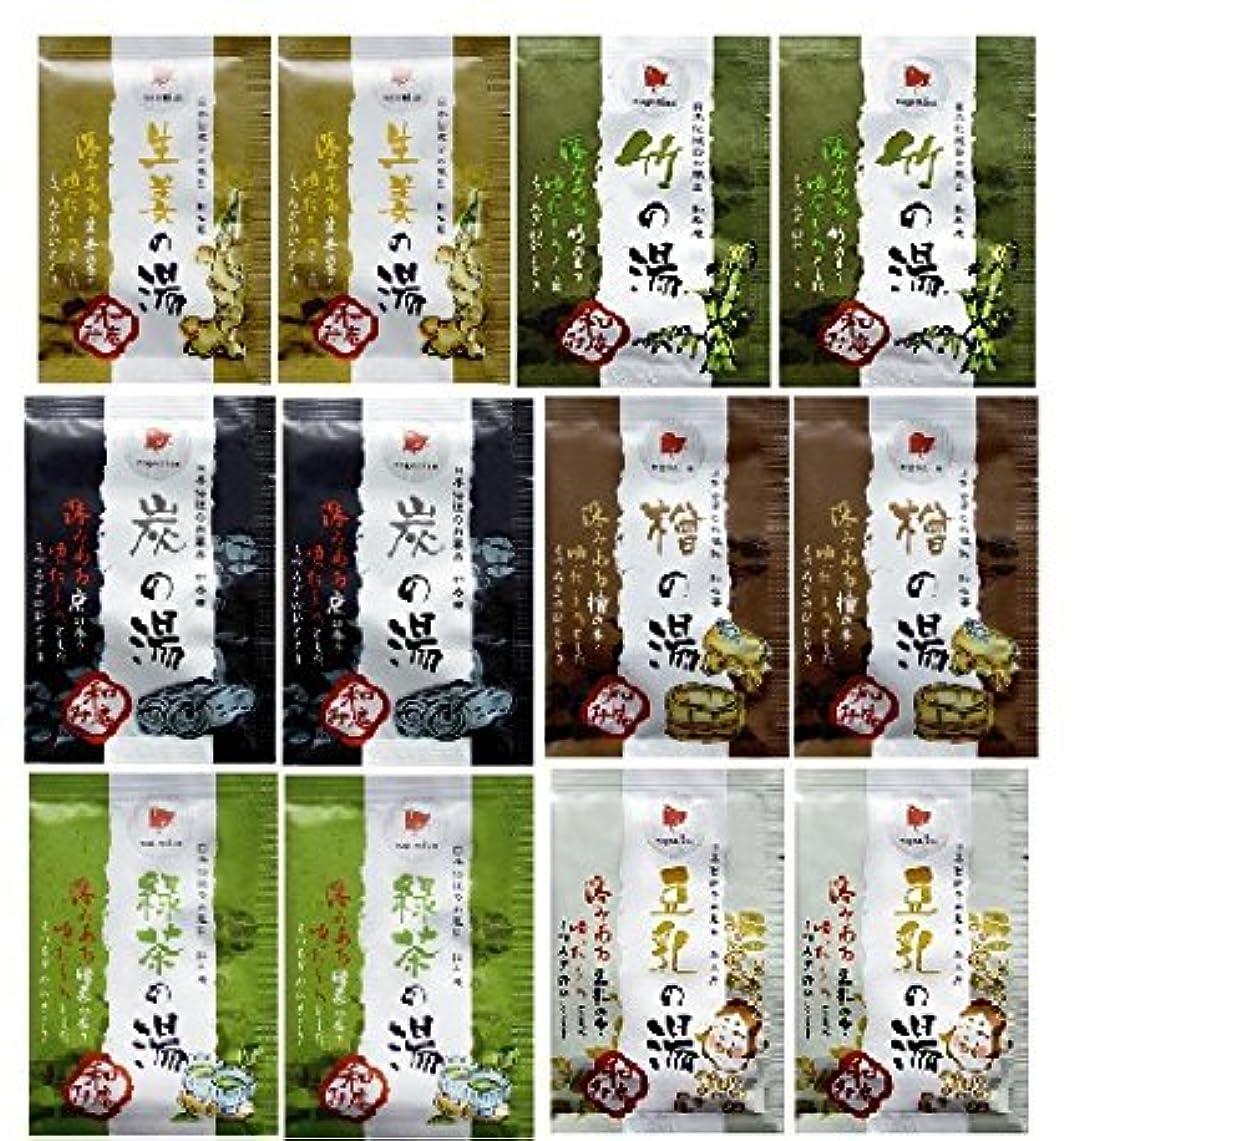 体系的に気まぐれな支店日本伝統のお風呂 和み庵 6種類×2 12包